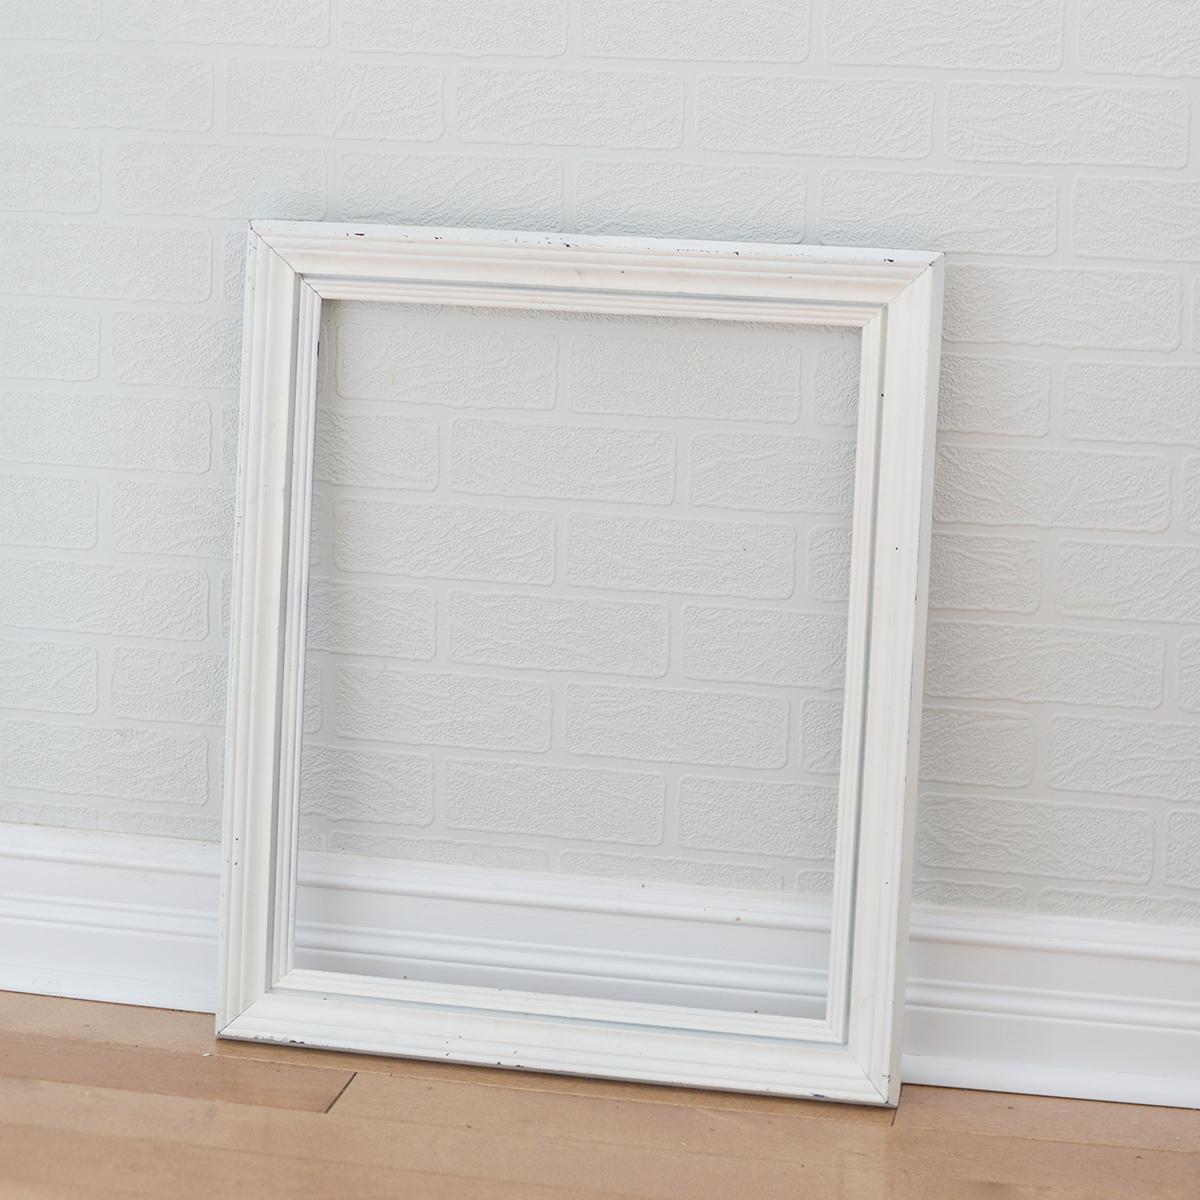 """16"""" x 20"""" ola frame - mirror insert available"""